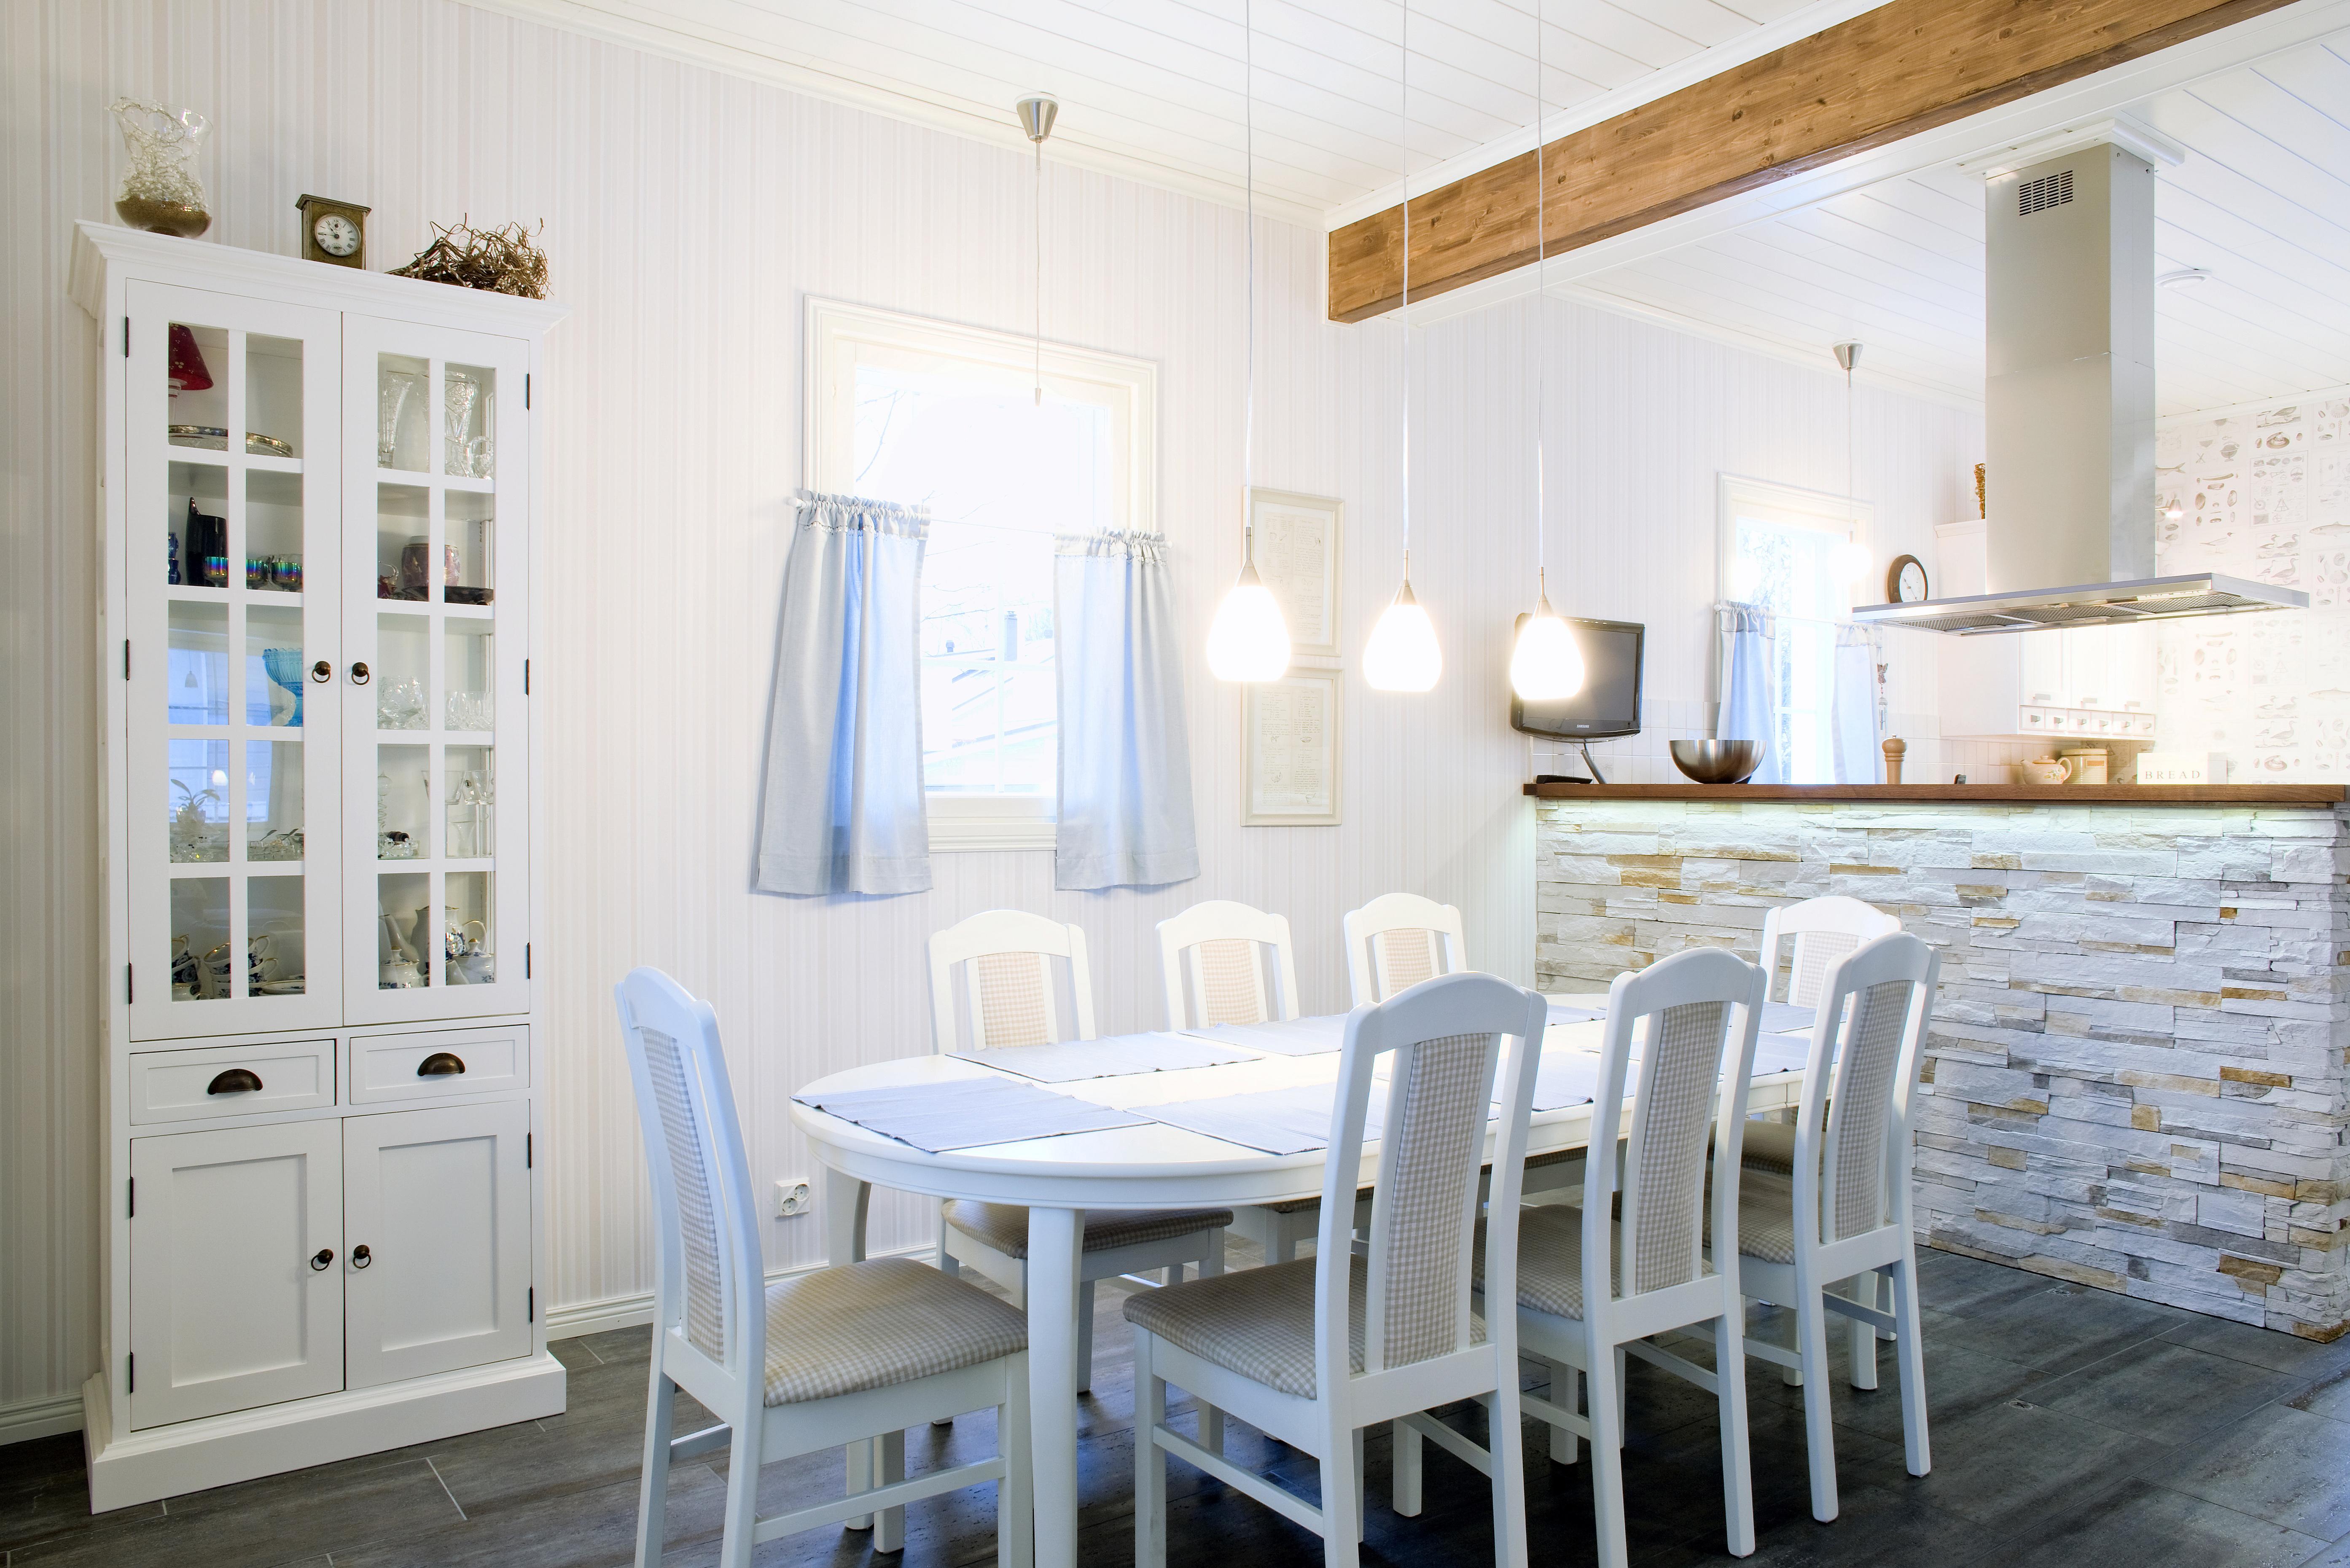 Uutta ja uudistettua. Ruokailutilan vanha, kirsikanvärinen pöytä sai uuden elämän, kun puuseppä asensi siihen jatkopalan ja maalasi sen valkoiseksi samoin kuin tuolitkin. Liesituuletin Lapetekin. Ledivalot puutason alla korostavat saarekkeen kivipintaa.